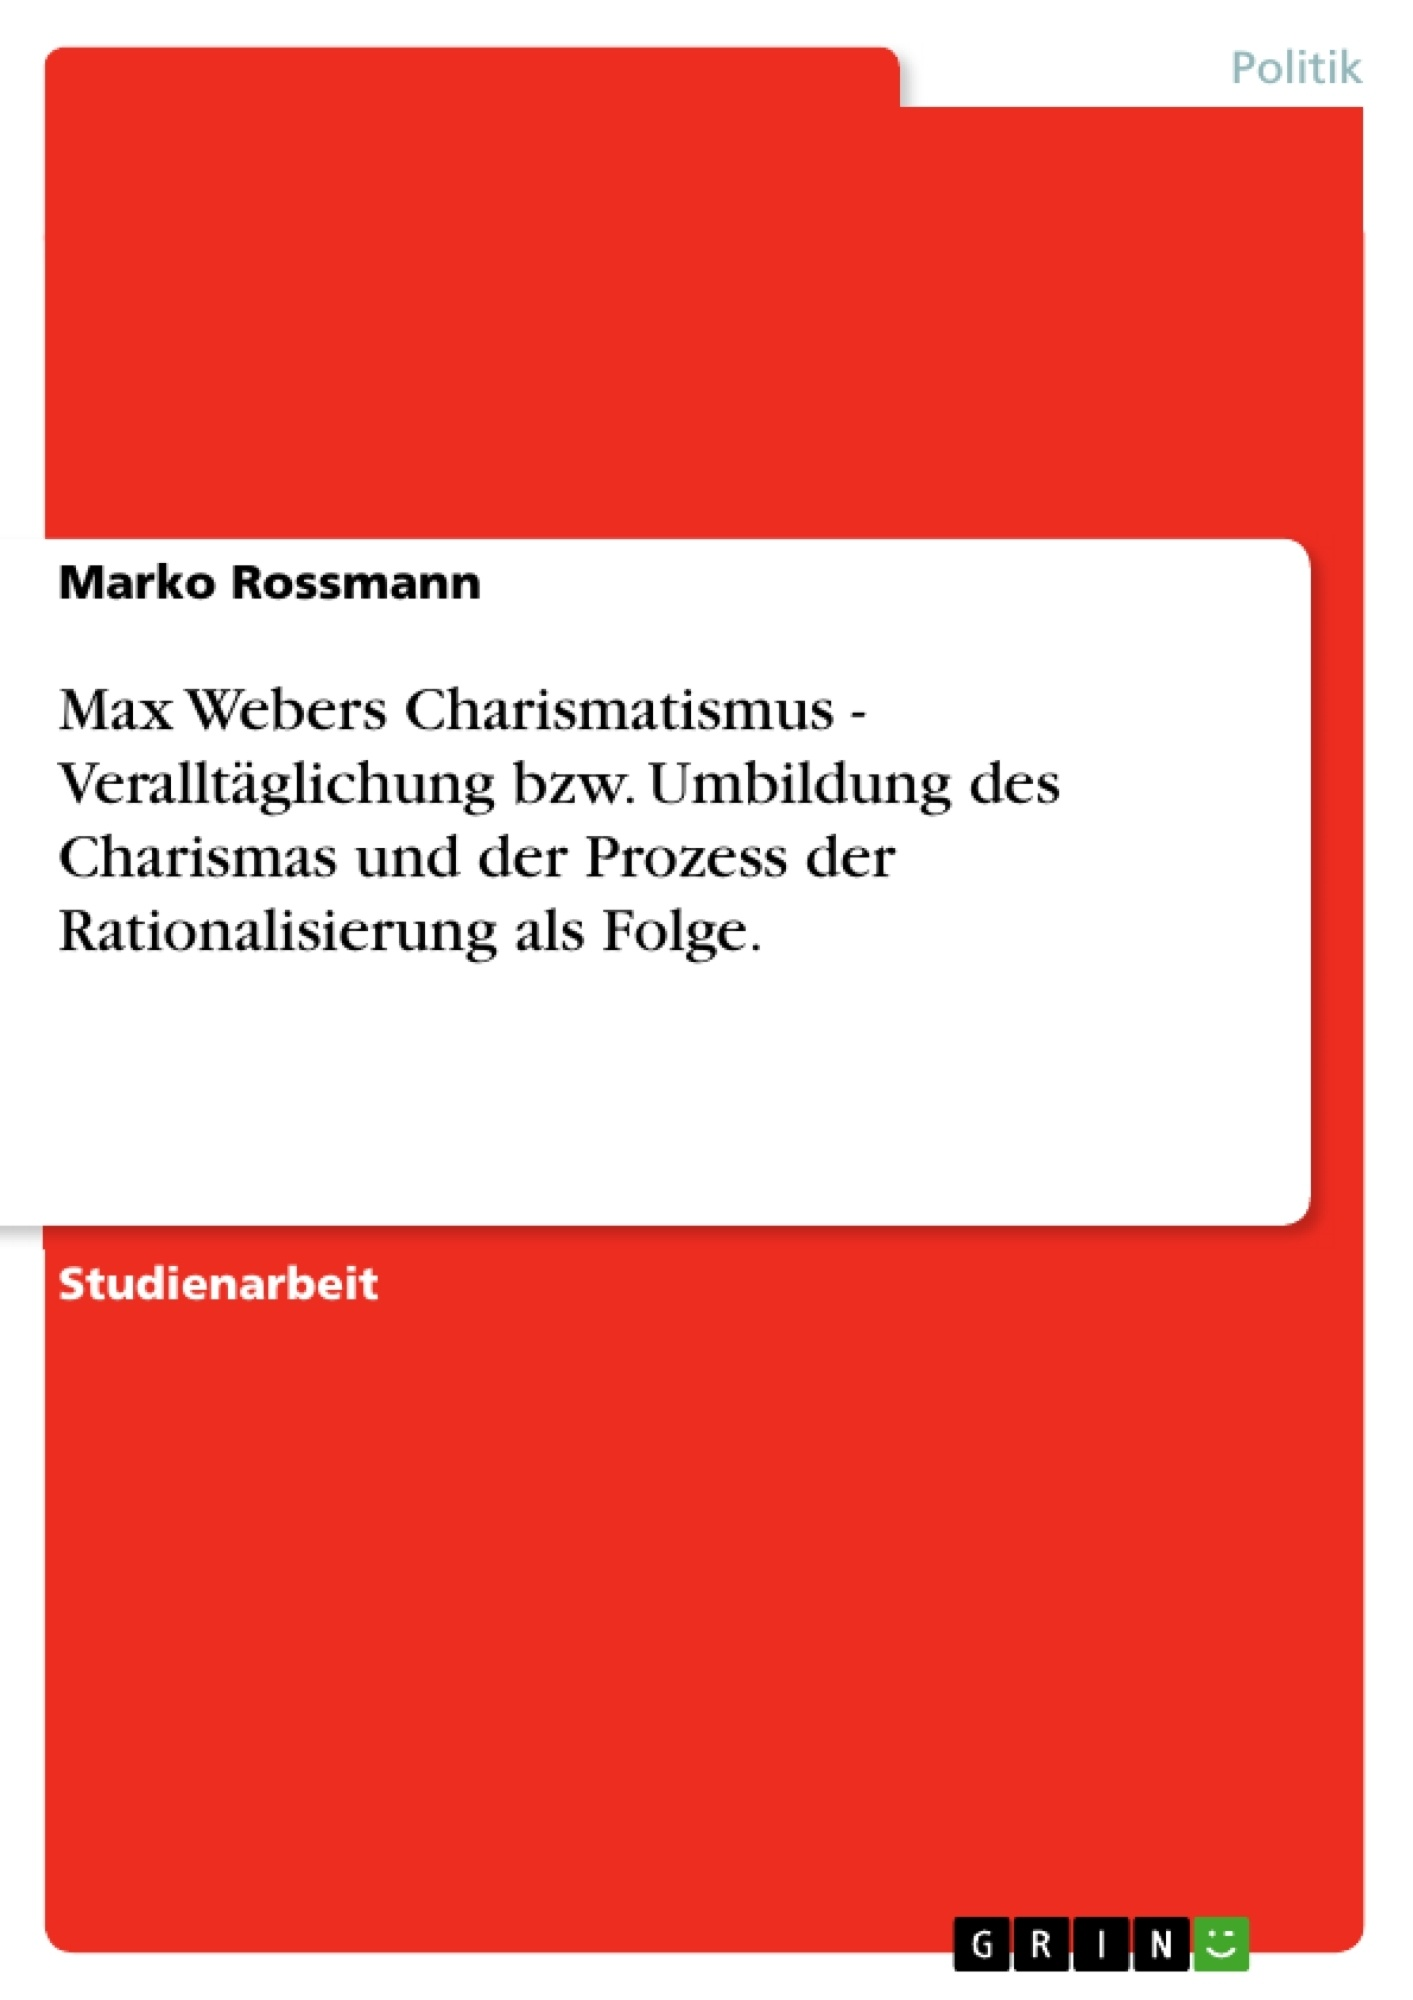 Titel: Max Webers Charismatismus - Veralltäglichung bzw. Umbildung des Charismas und der Prozess der Rationalisierung als Folge.